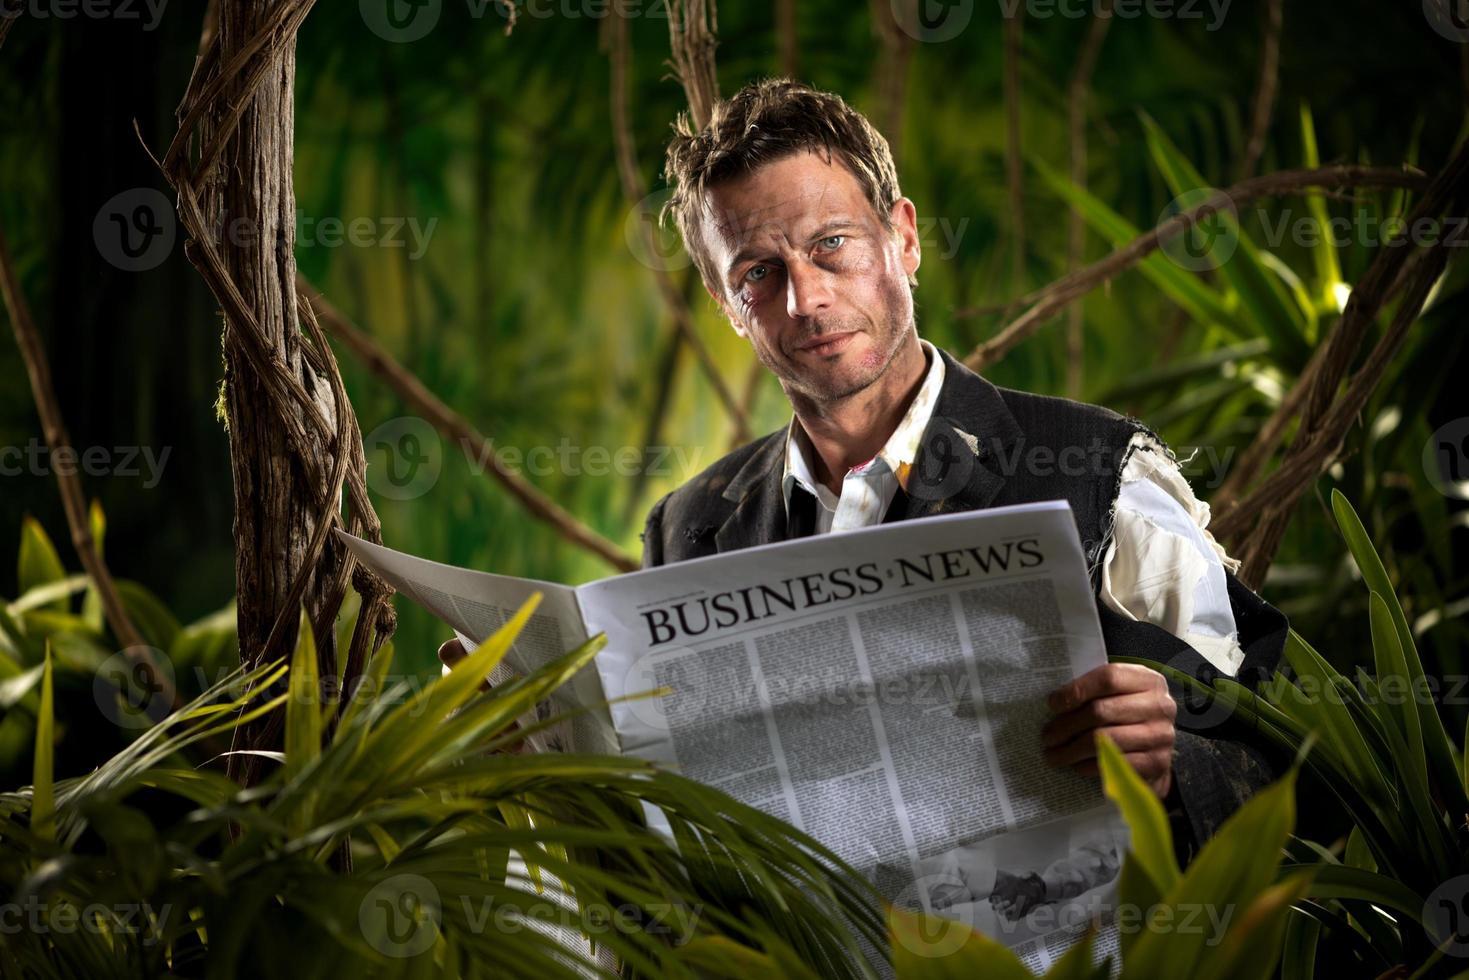 homme d & # 39; affaires lisant des nouvelles financières dans la jungle photo